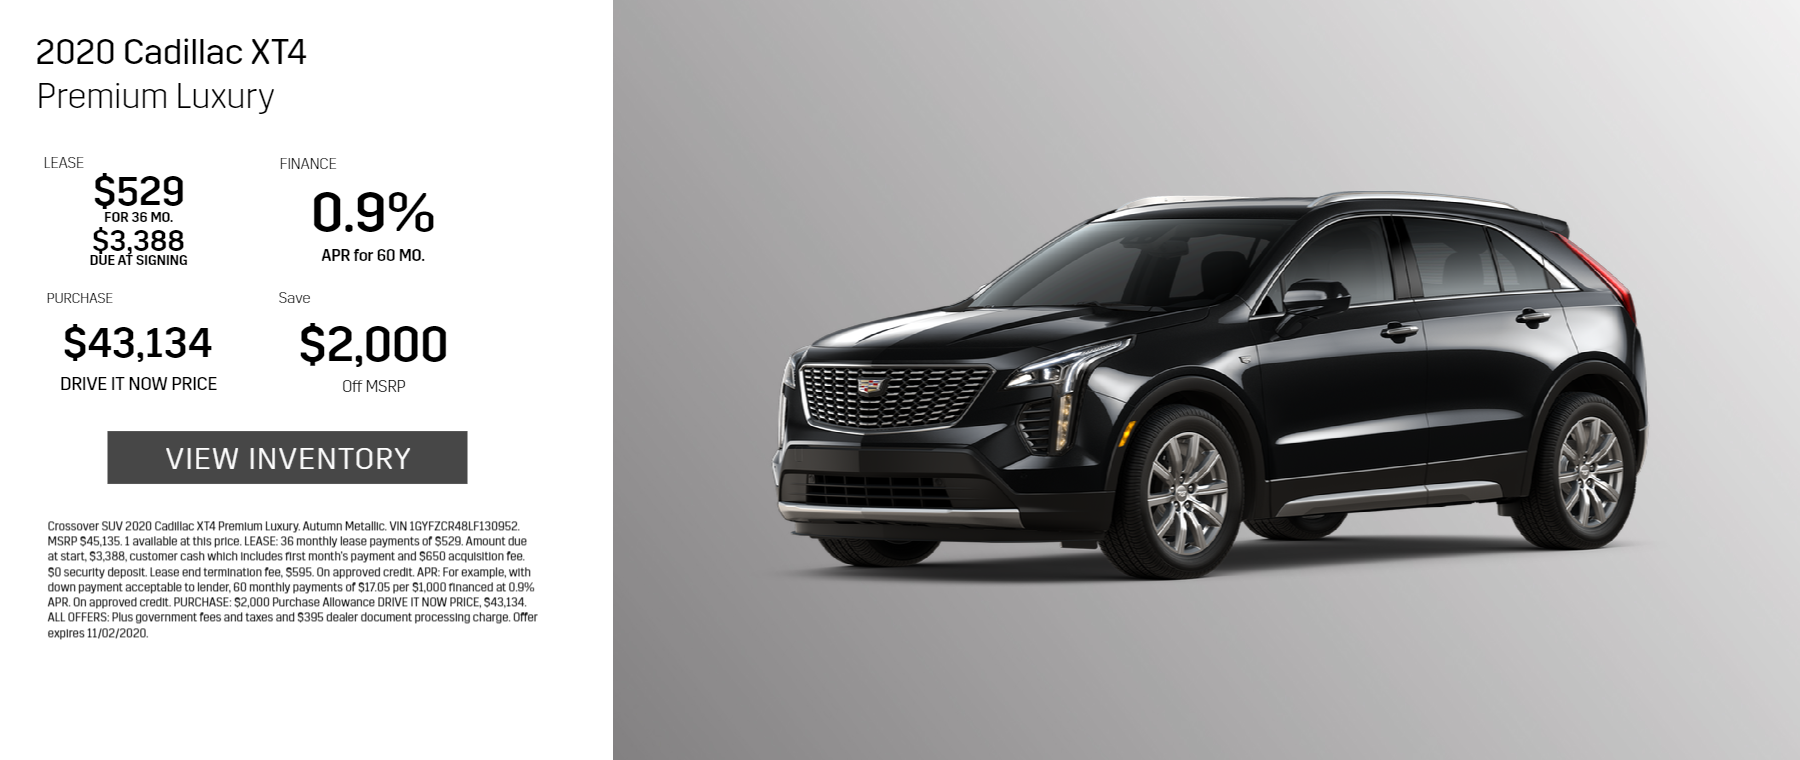 2020 Cadillac Premium Luxury